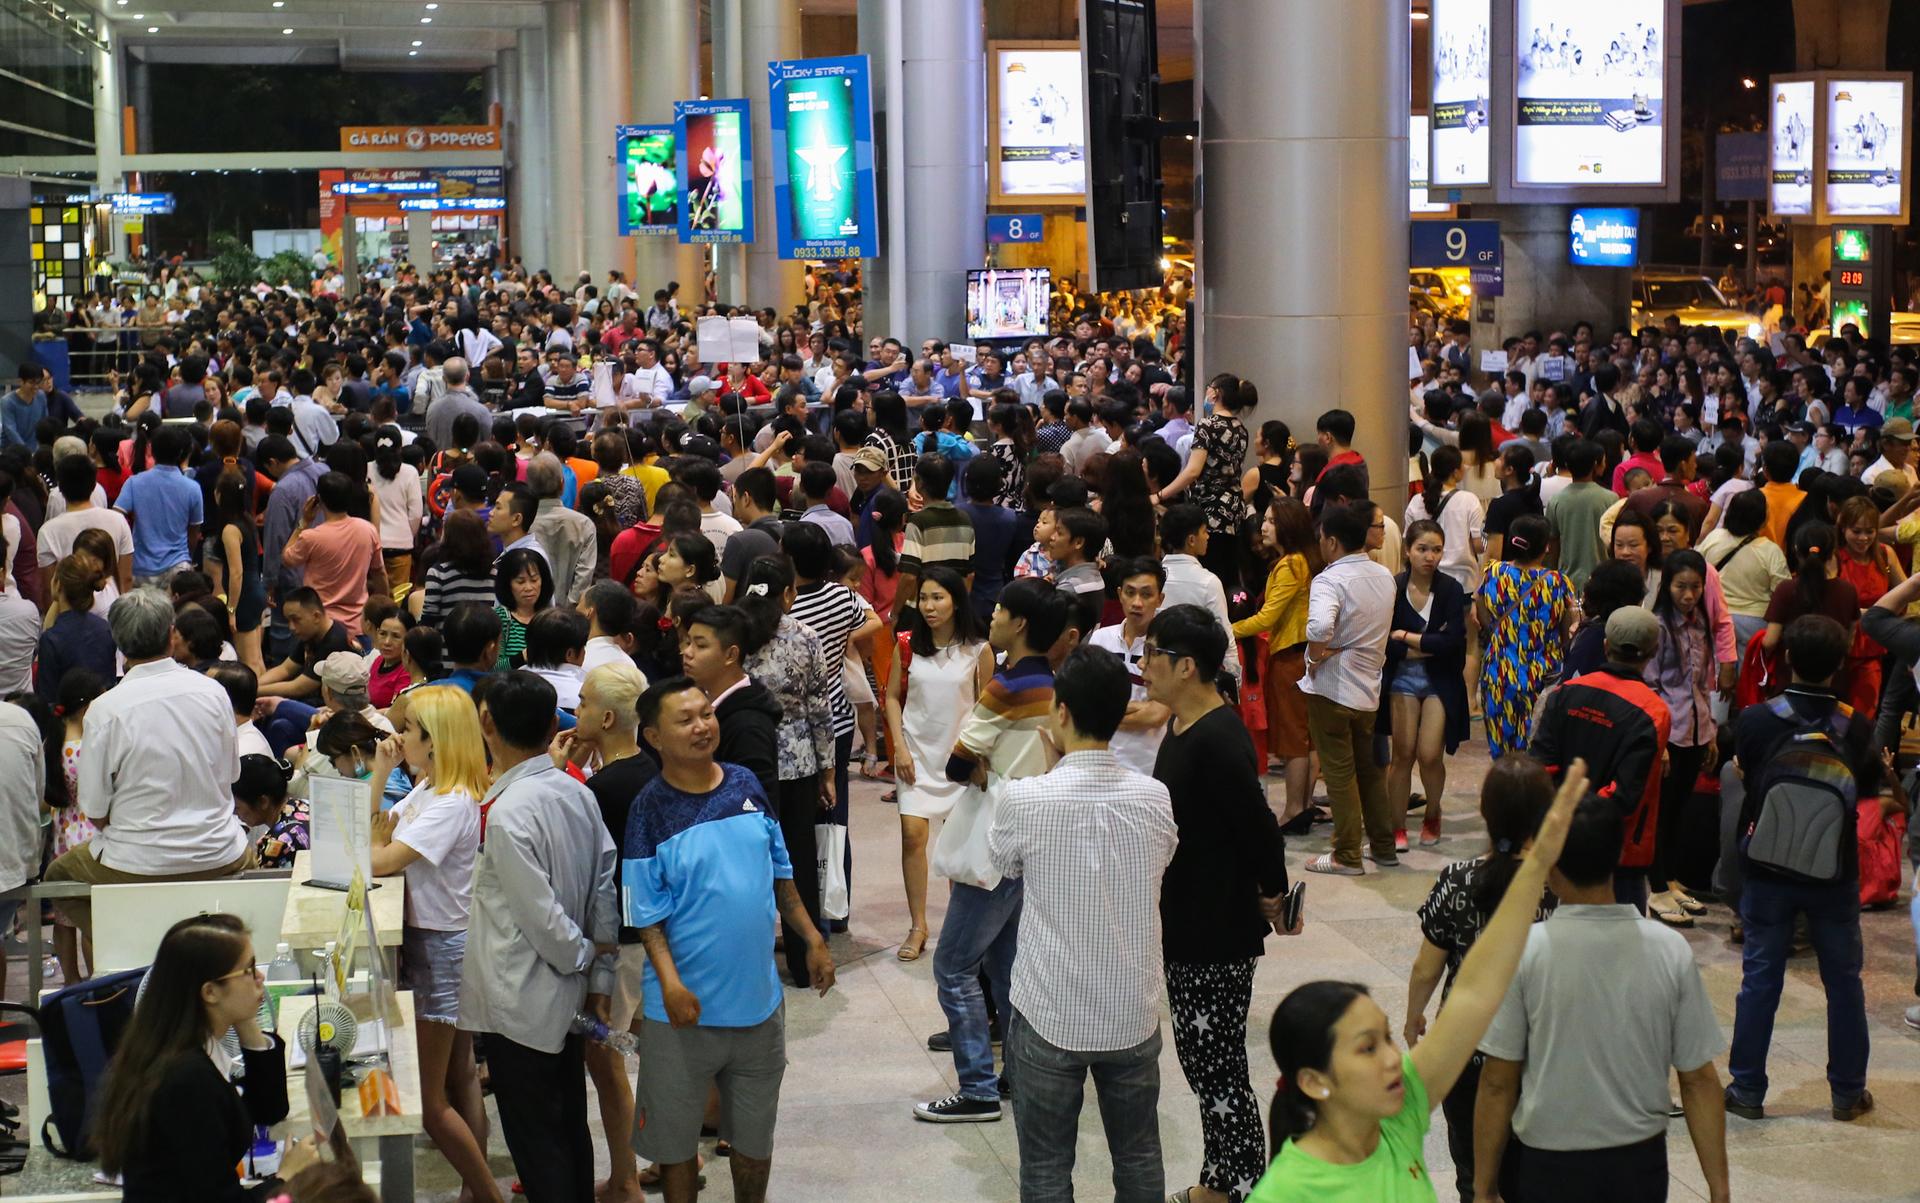 Sân bay Tân Sơn Nhất phục vụ 32 triệu hành khách. Ảnh: Quỳnh Nguyễn.